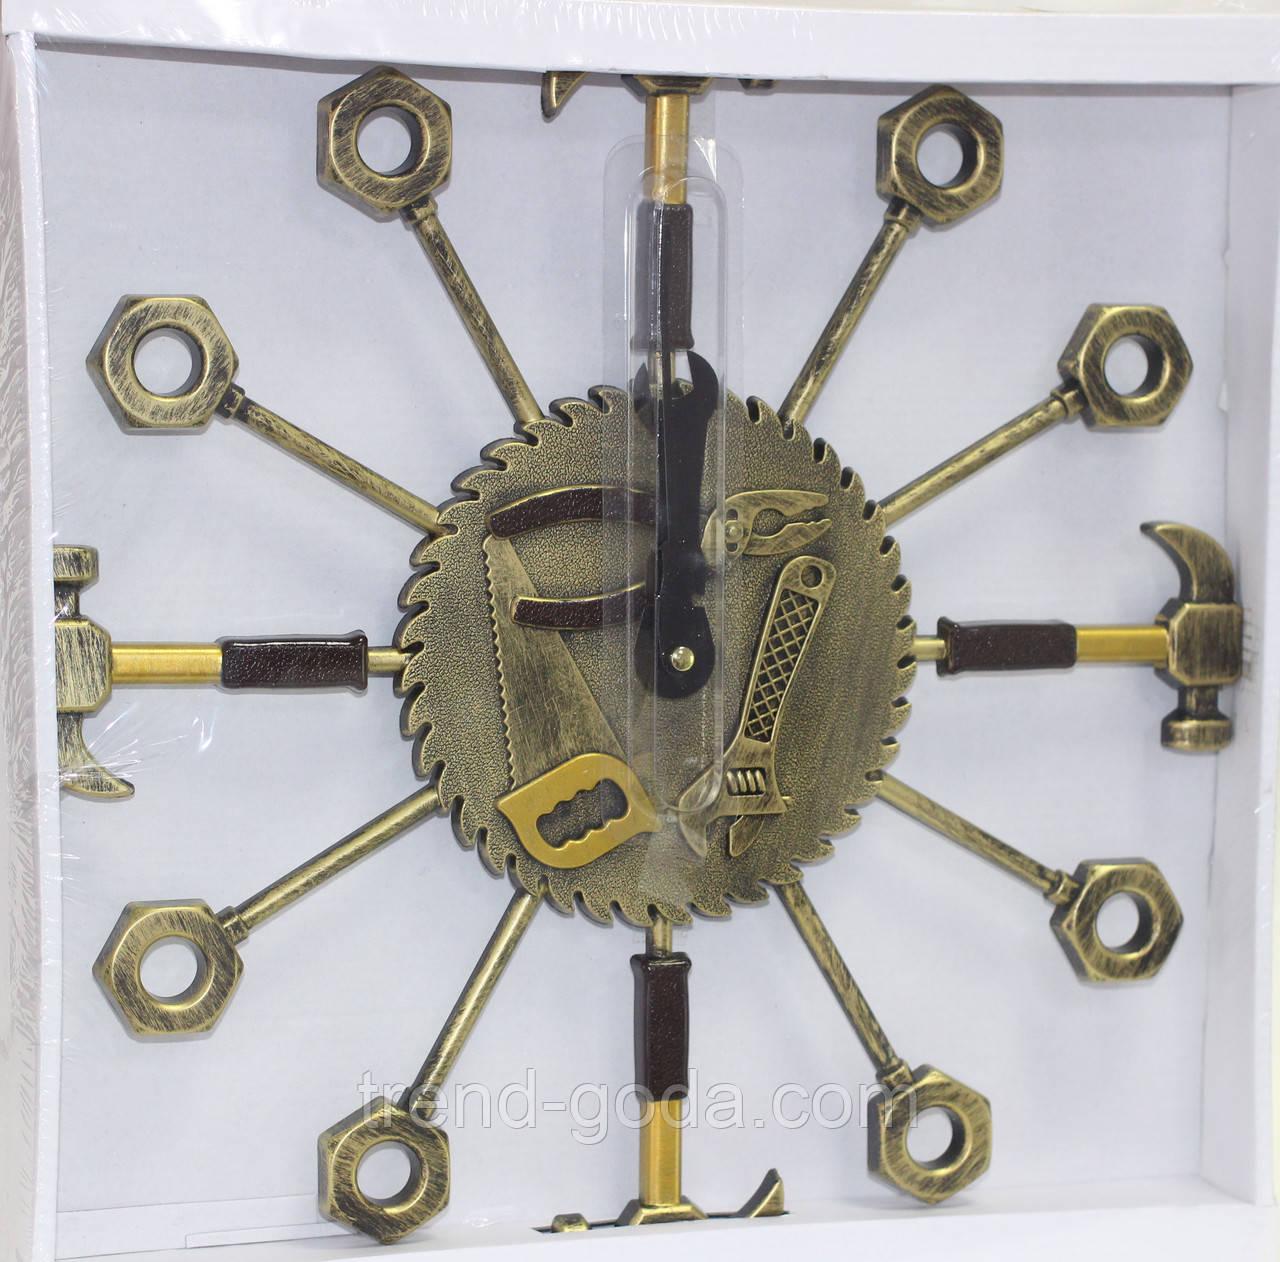 Часы настенные в форме набора инструментов, золотистые, d 37 см